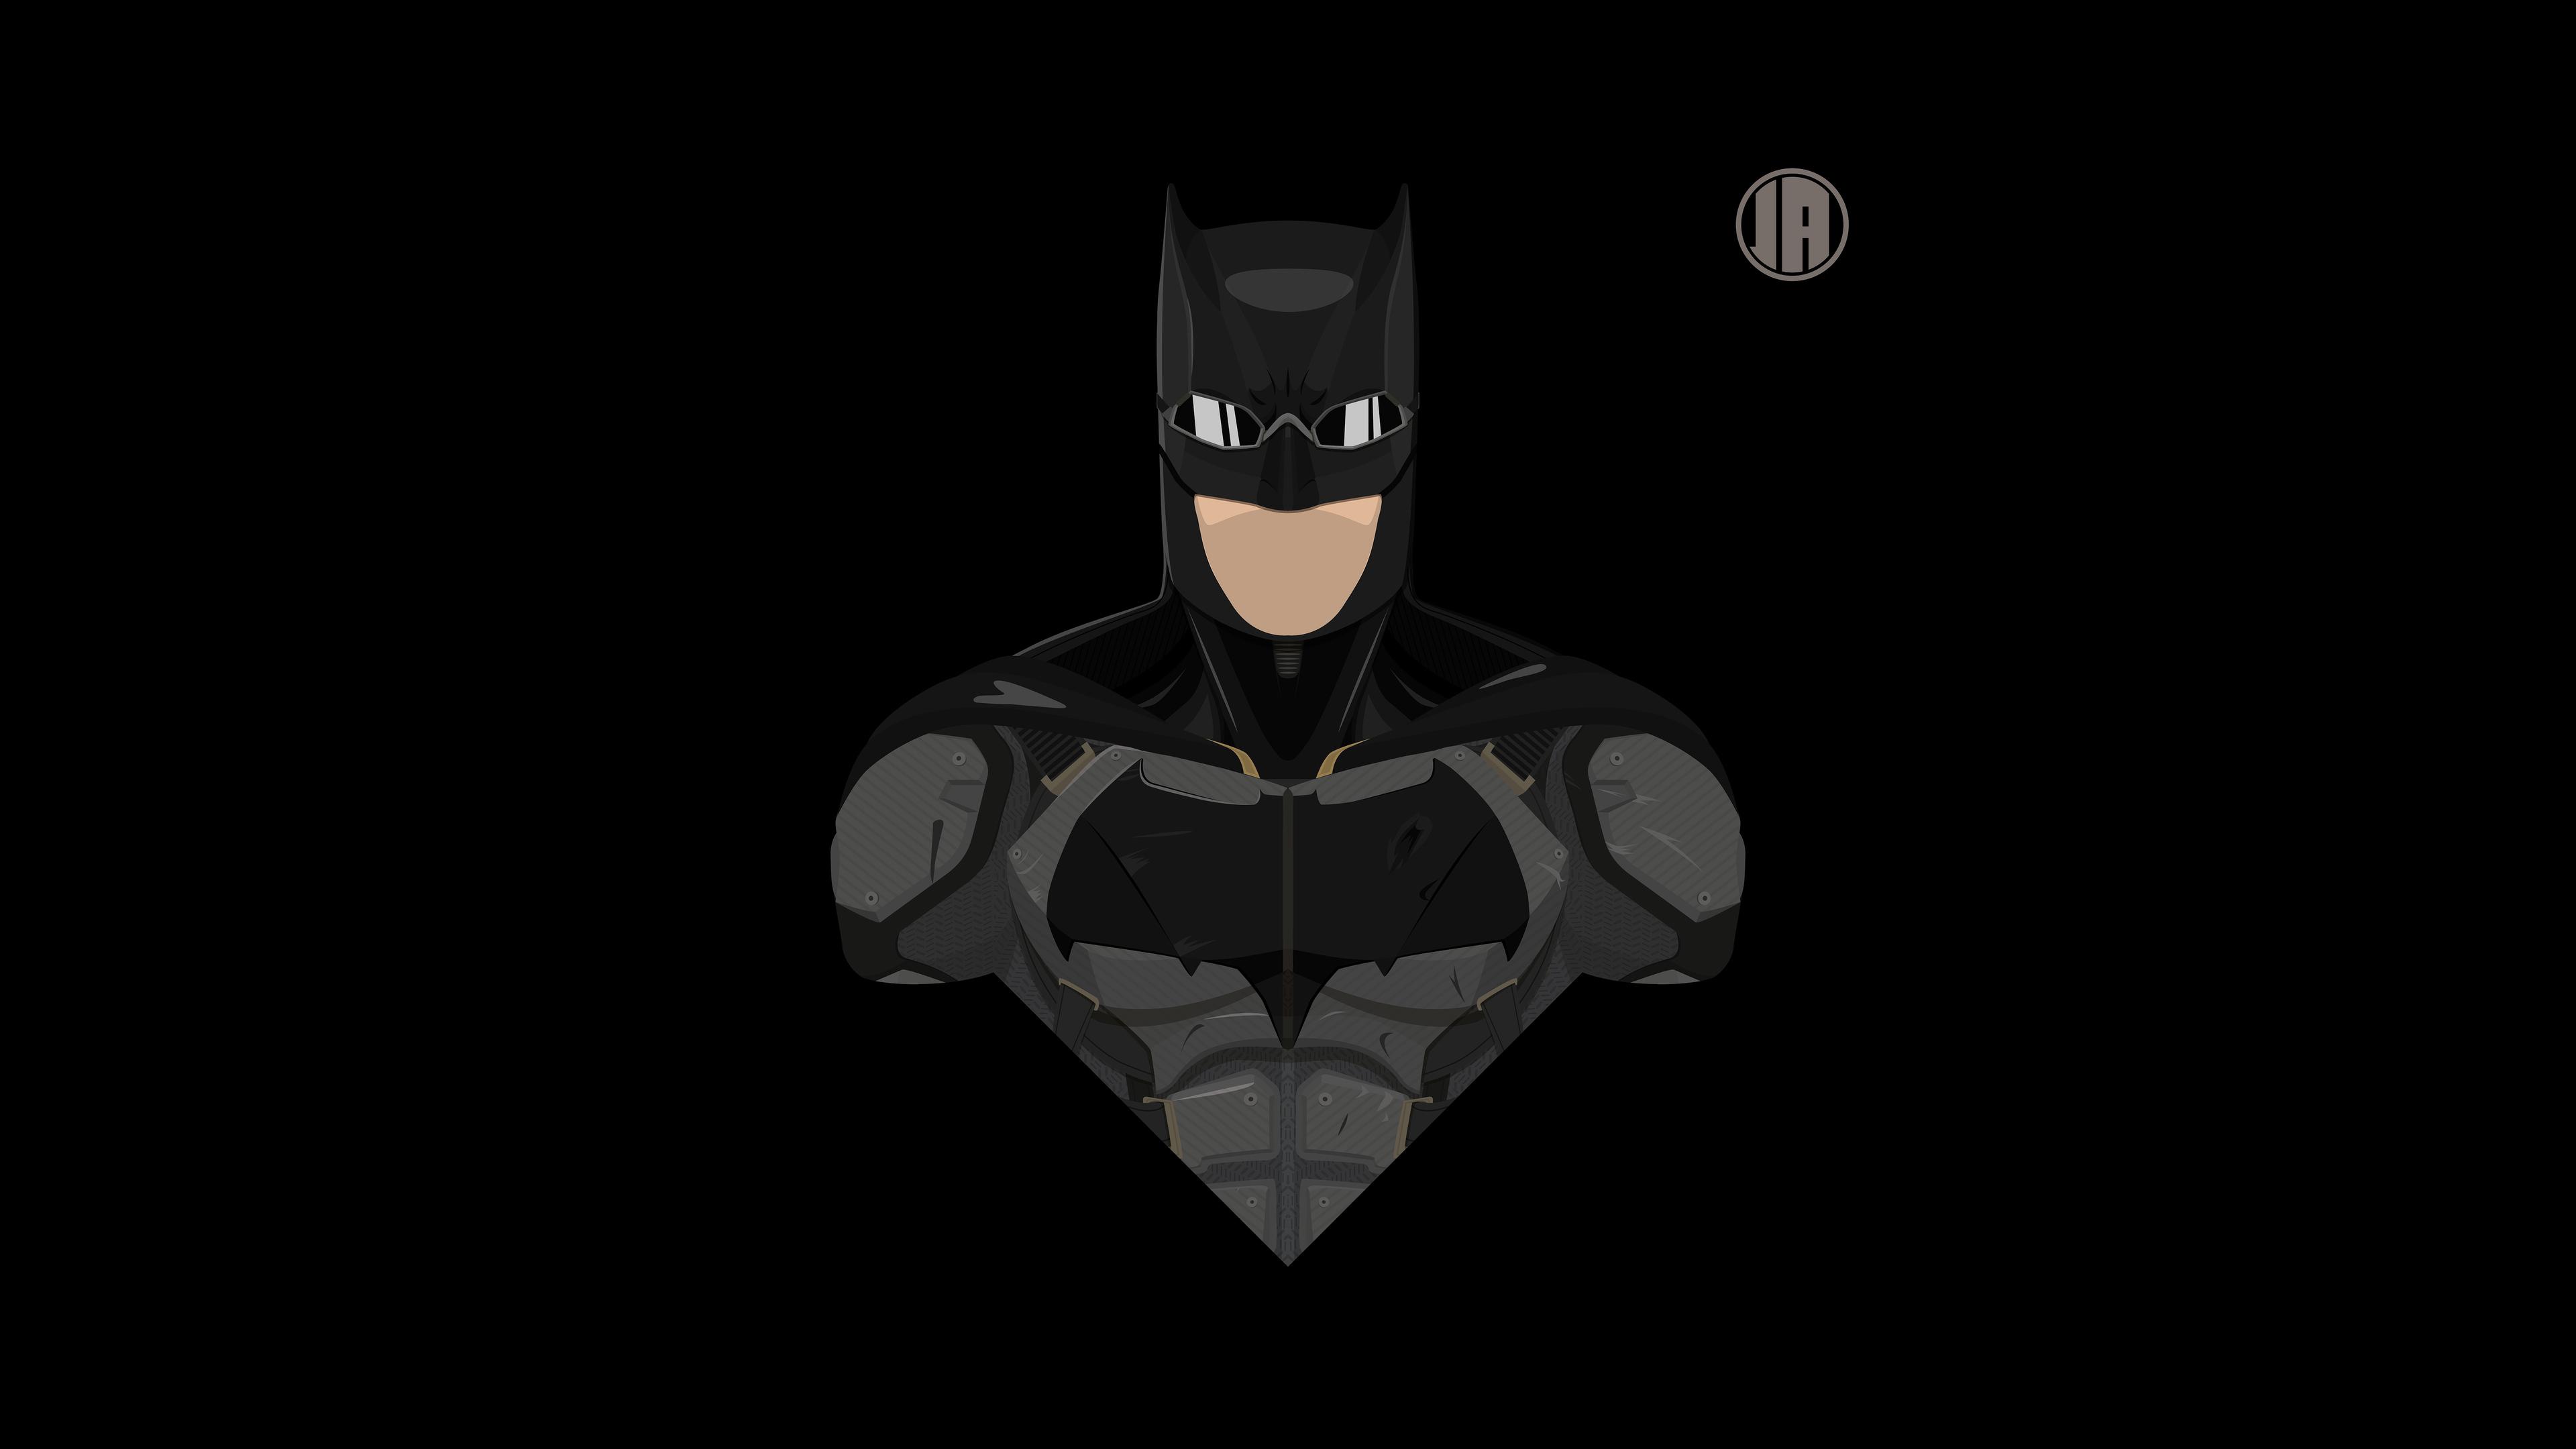 batman dceu tactical suit minimalism 8k 1536518815 - Batman DCEU Tactical Suit Minimalism 8k - superheroes wallpapers, minimalism wallpapers, hd-wallpapers, deviantart wallpapers, batman wallpapers, 8k wallpapers, 5k wallpapers, 4k-wallpapers